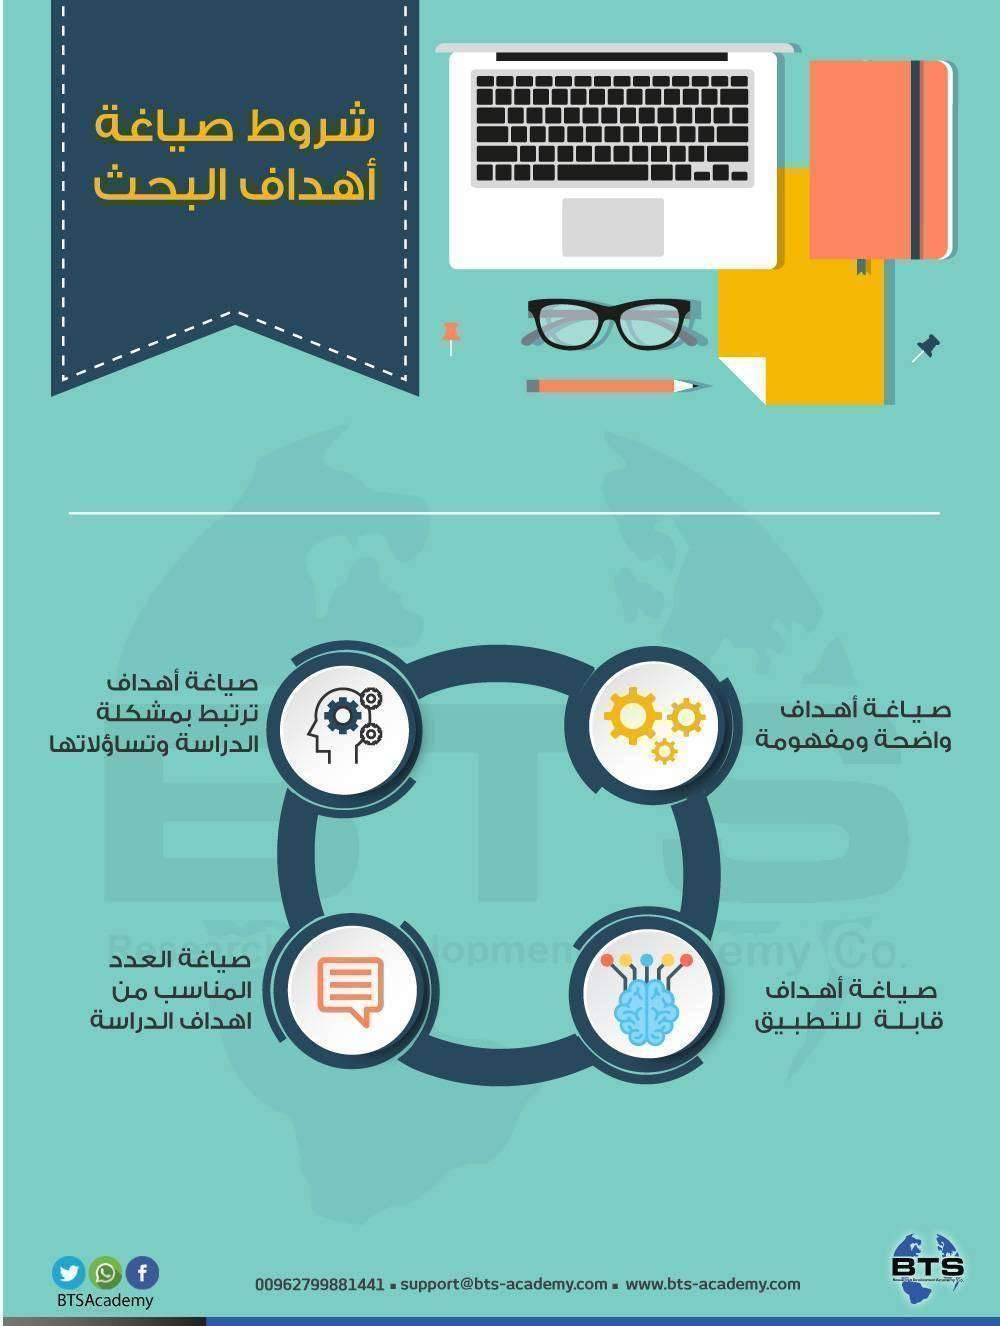 شروط صياغة أهداف البحث